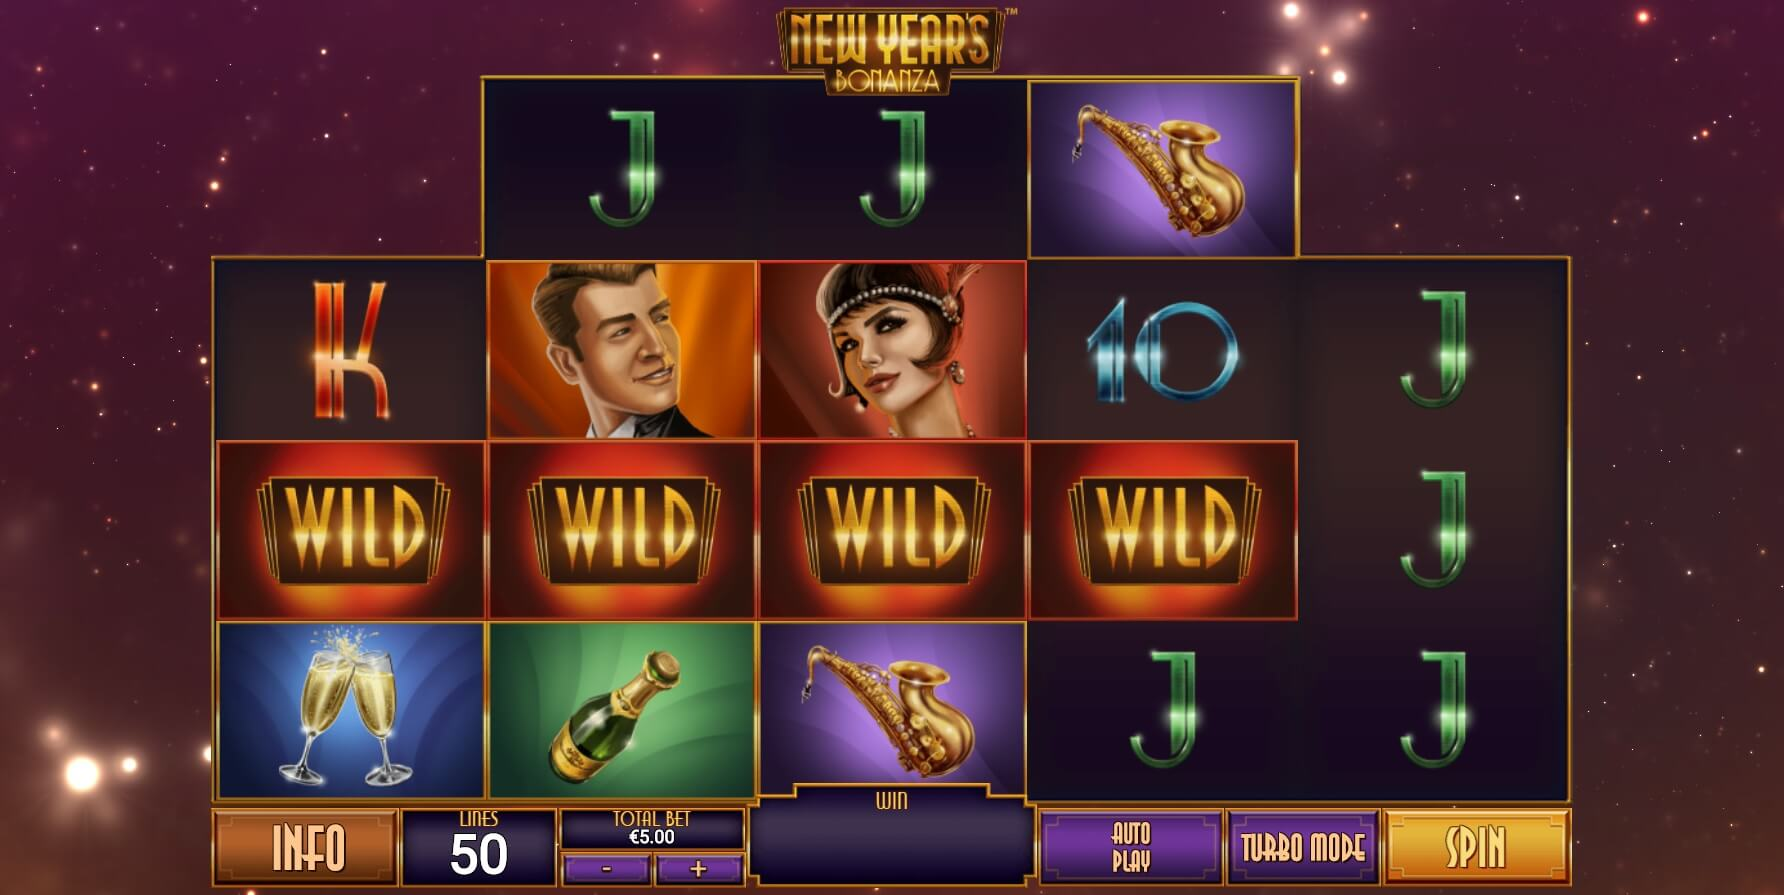 New Years Bonanza Slot Gameplay